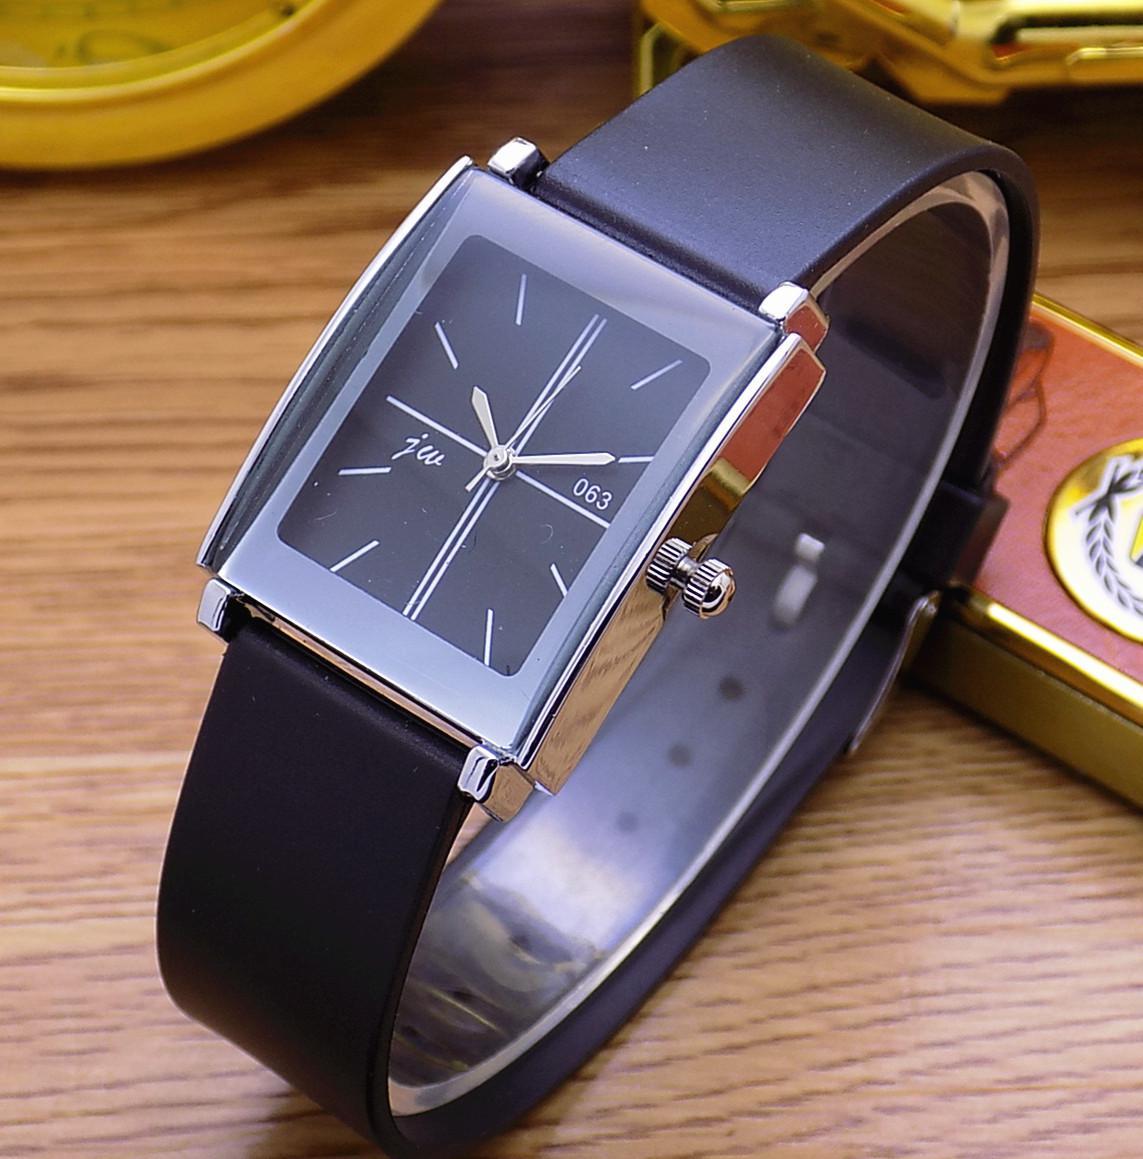 Модные Jw Брендовые повседневные Кварцевые женские и мужские часы для влюбленных с кожаным ремешком студенческие часы деловые квадратные наручные часы Relogio Masculino - Цвет: Black For Man